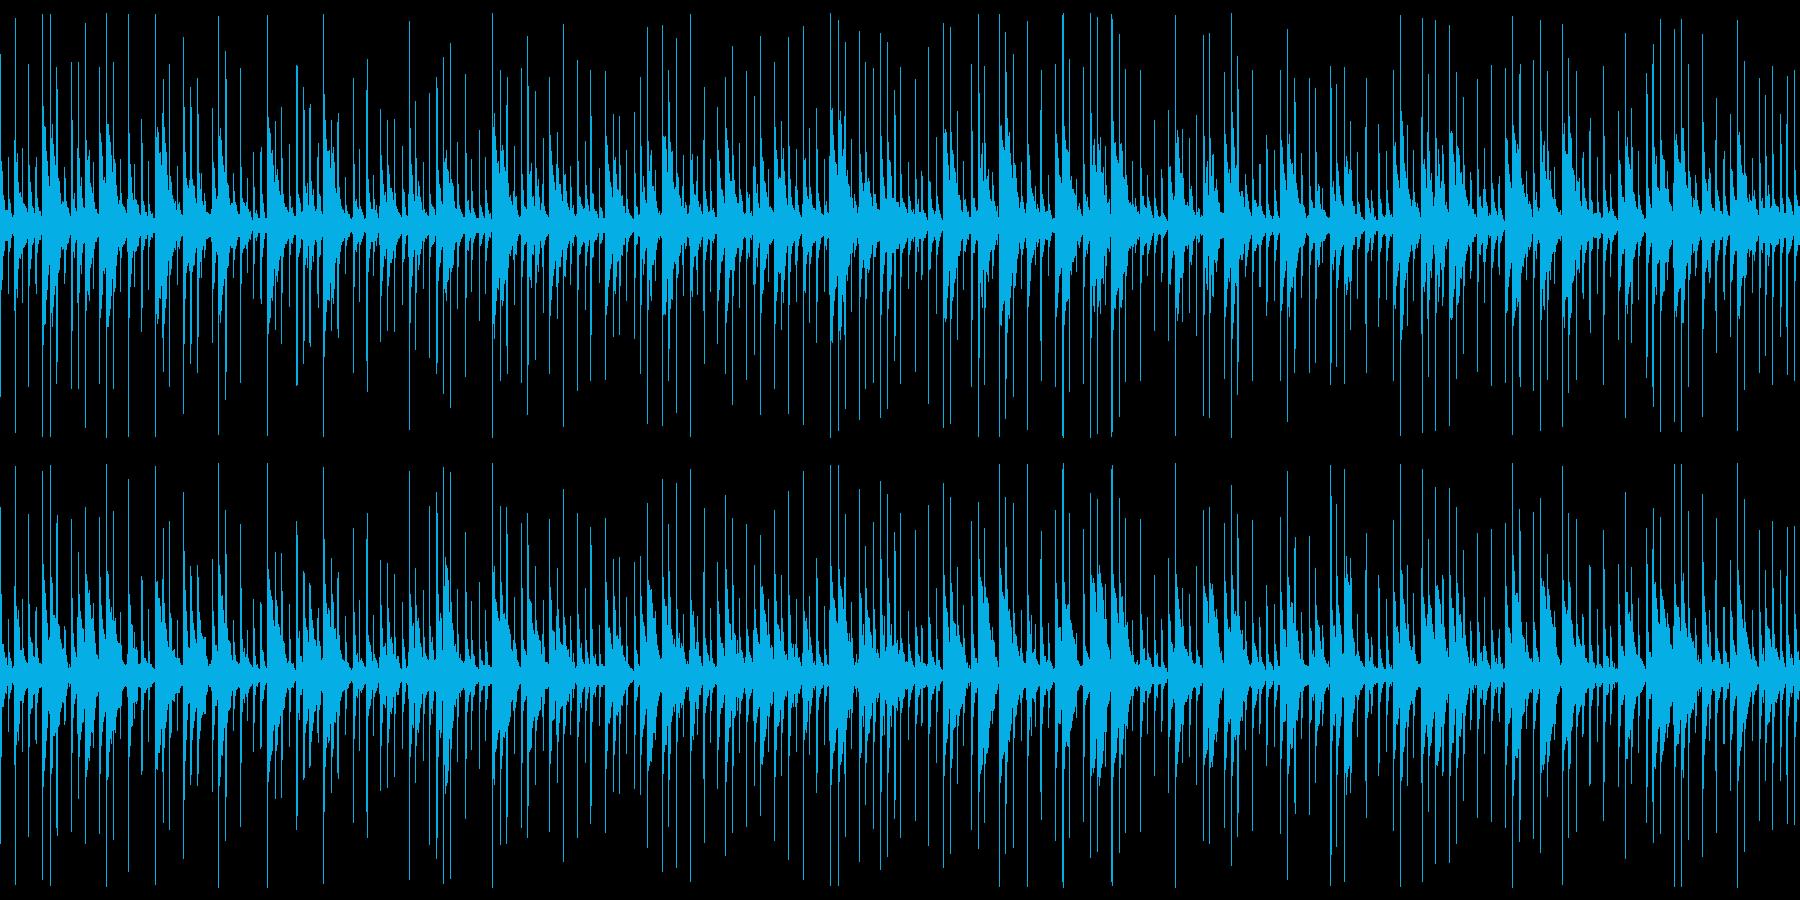 キューバパーカッションの再生済みの波形